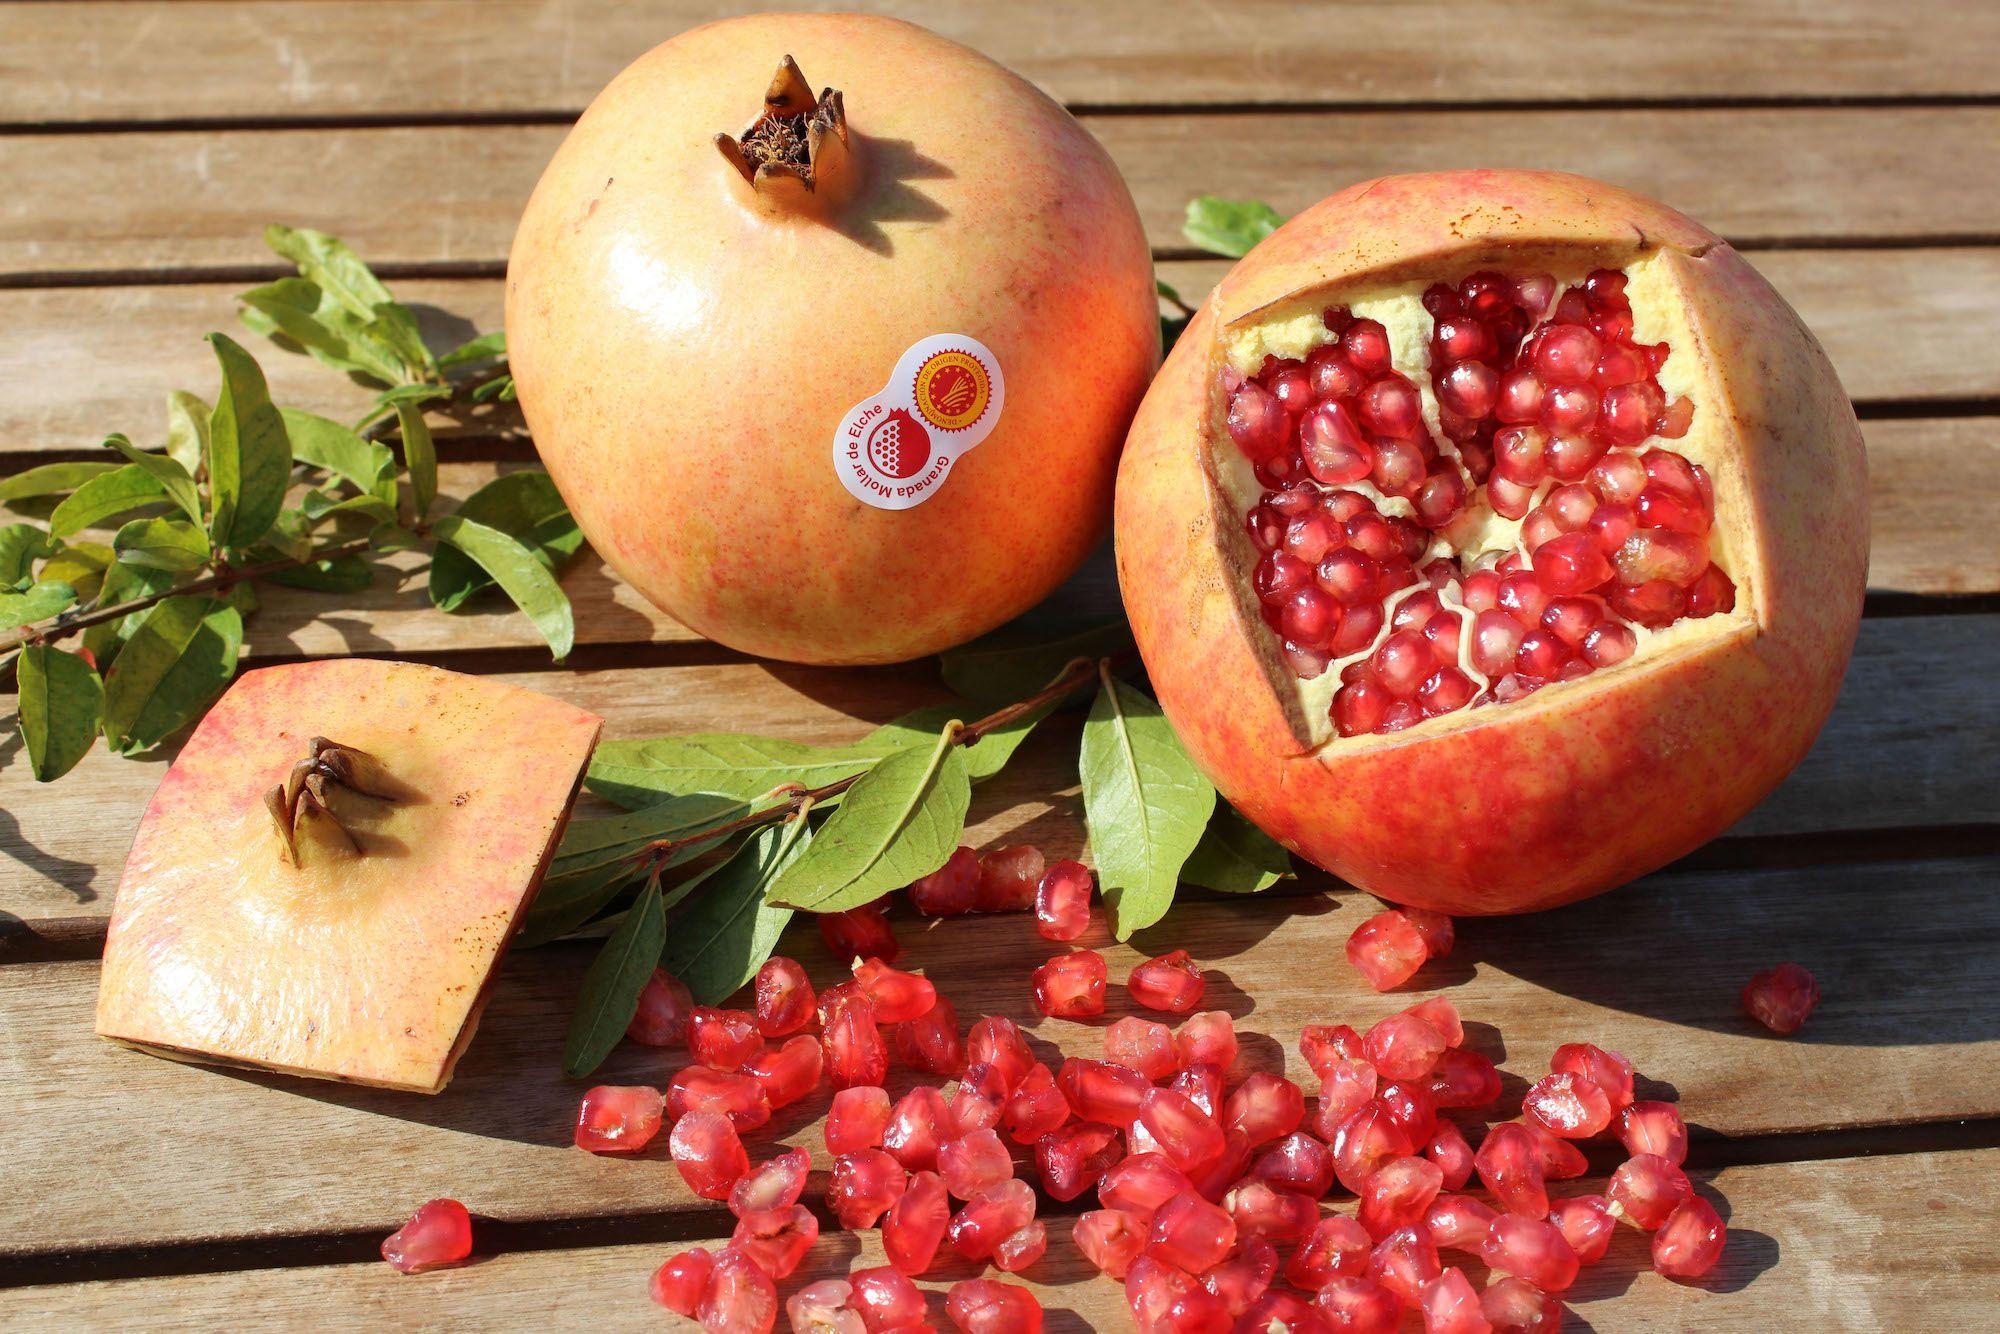 La granada, poder antioxidante que refuerza el sistema inmune